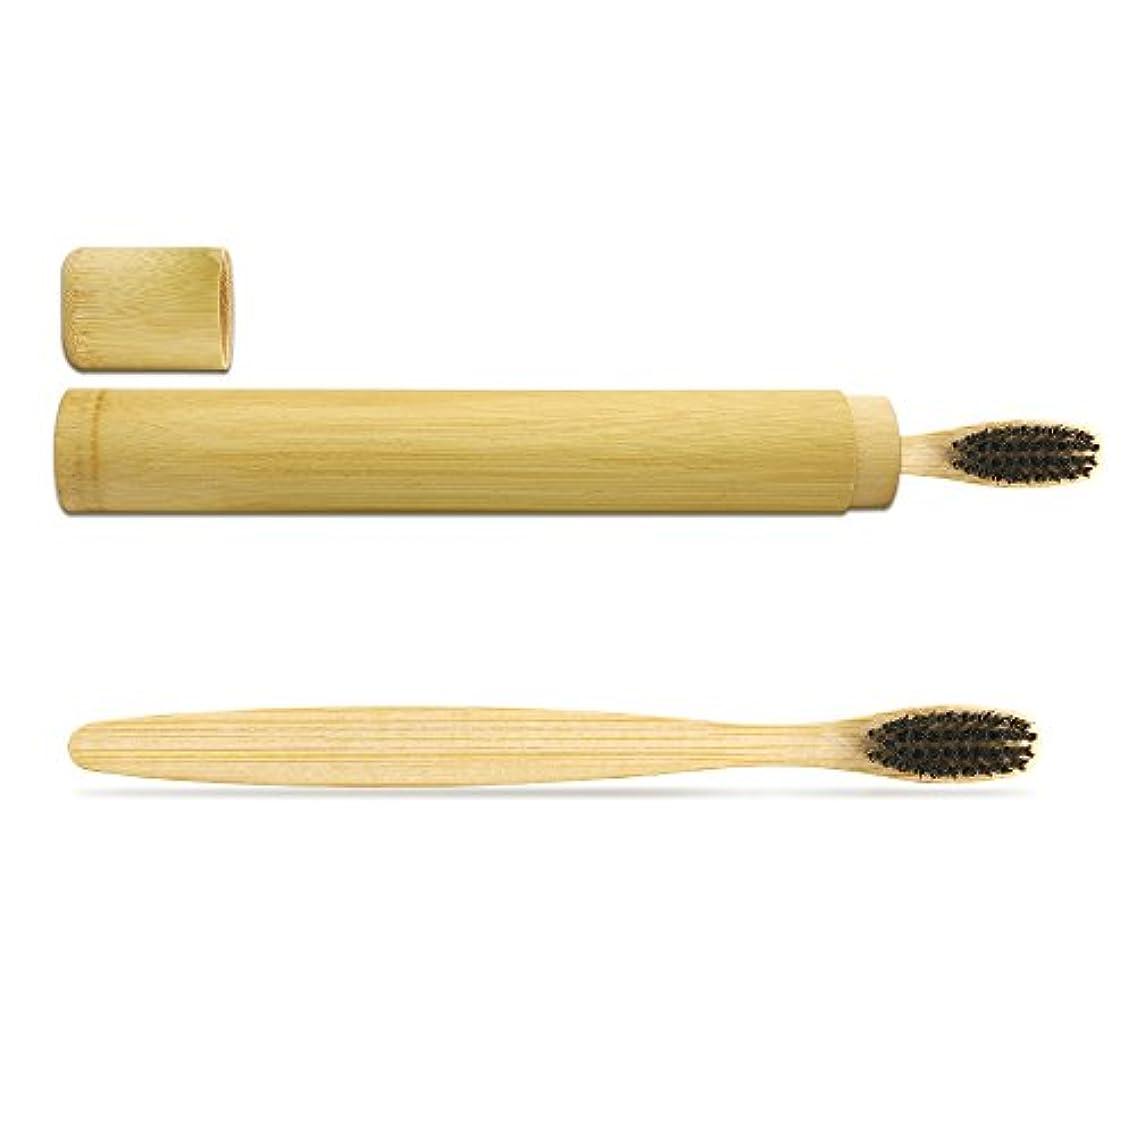 日付対象ハウスN-amboo 竹製 高耐久度 歯ブラシ ケース付き 軽量 携帯便利 出張旅行